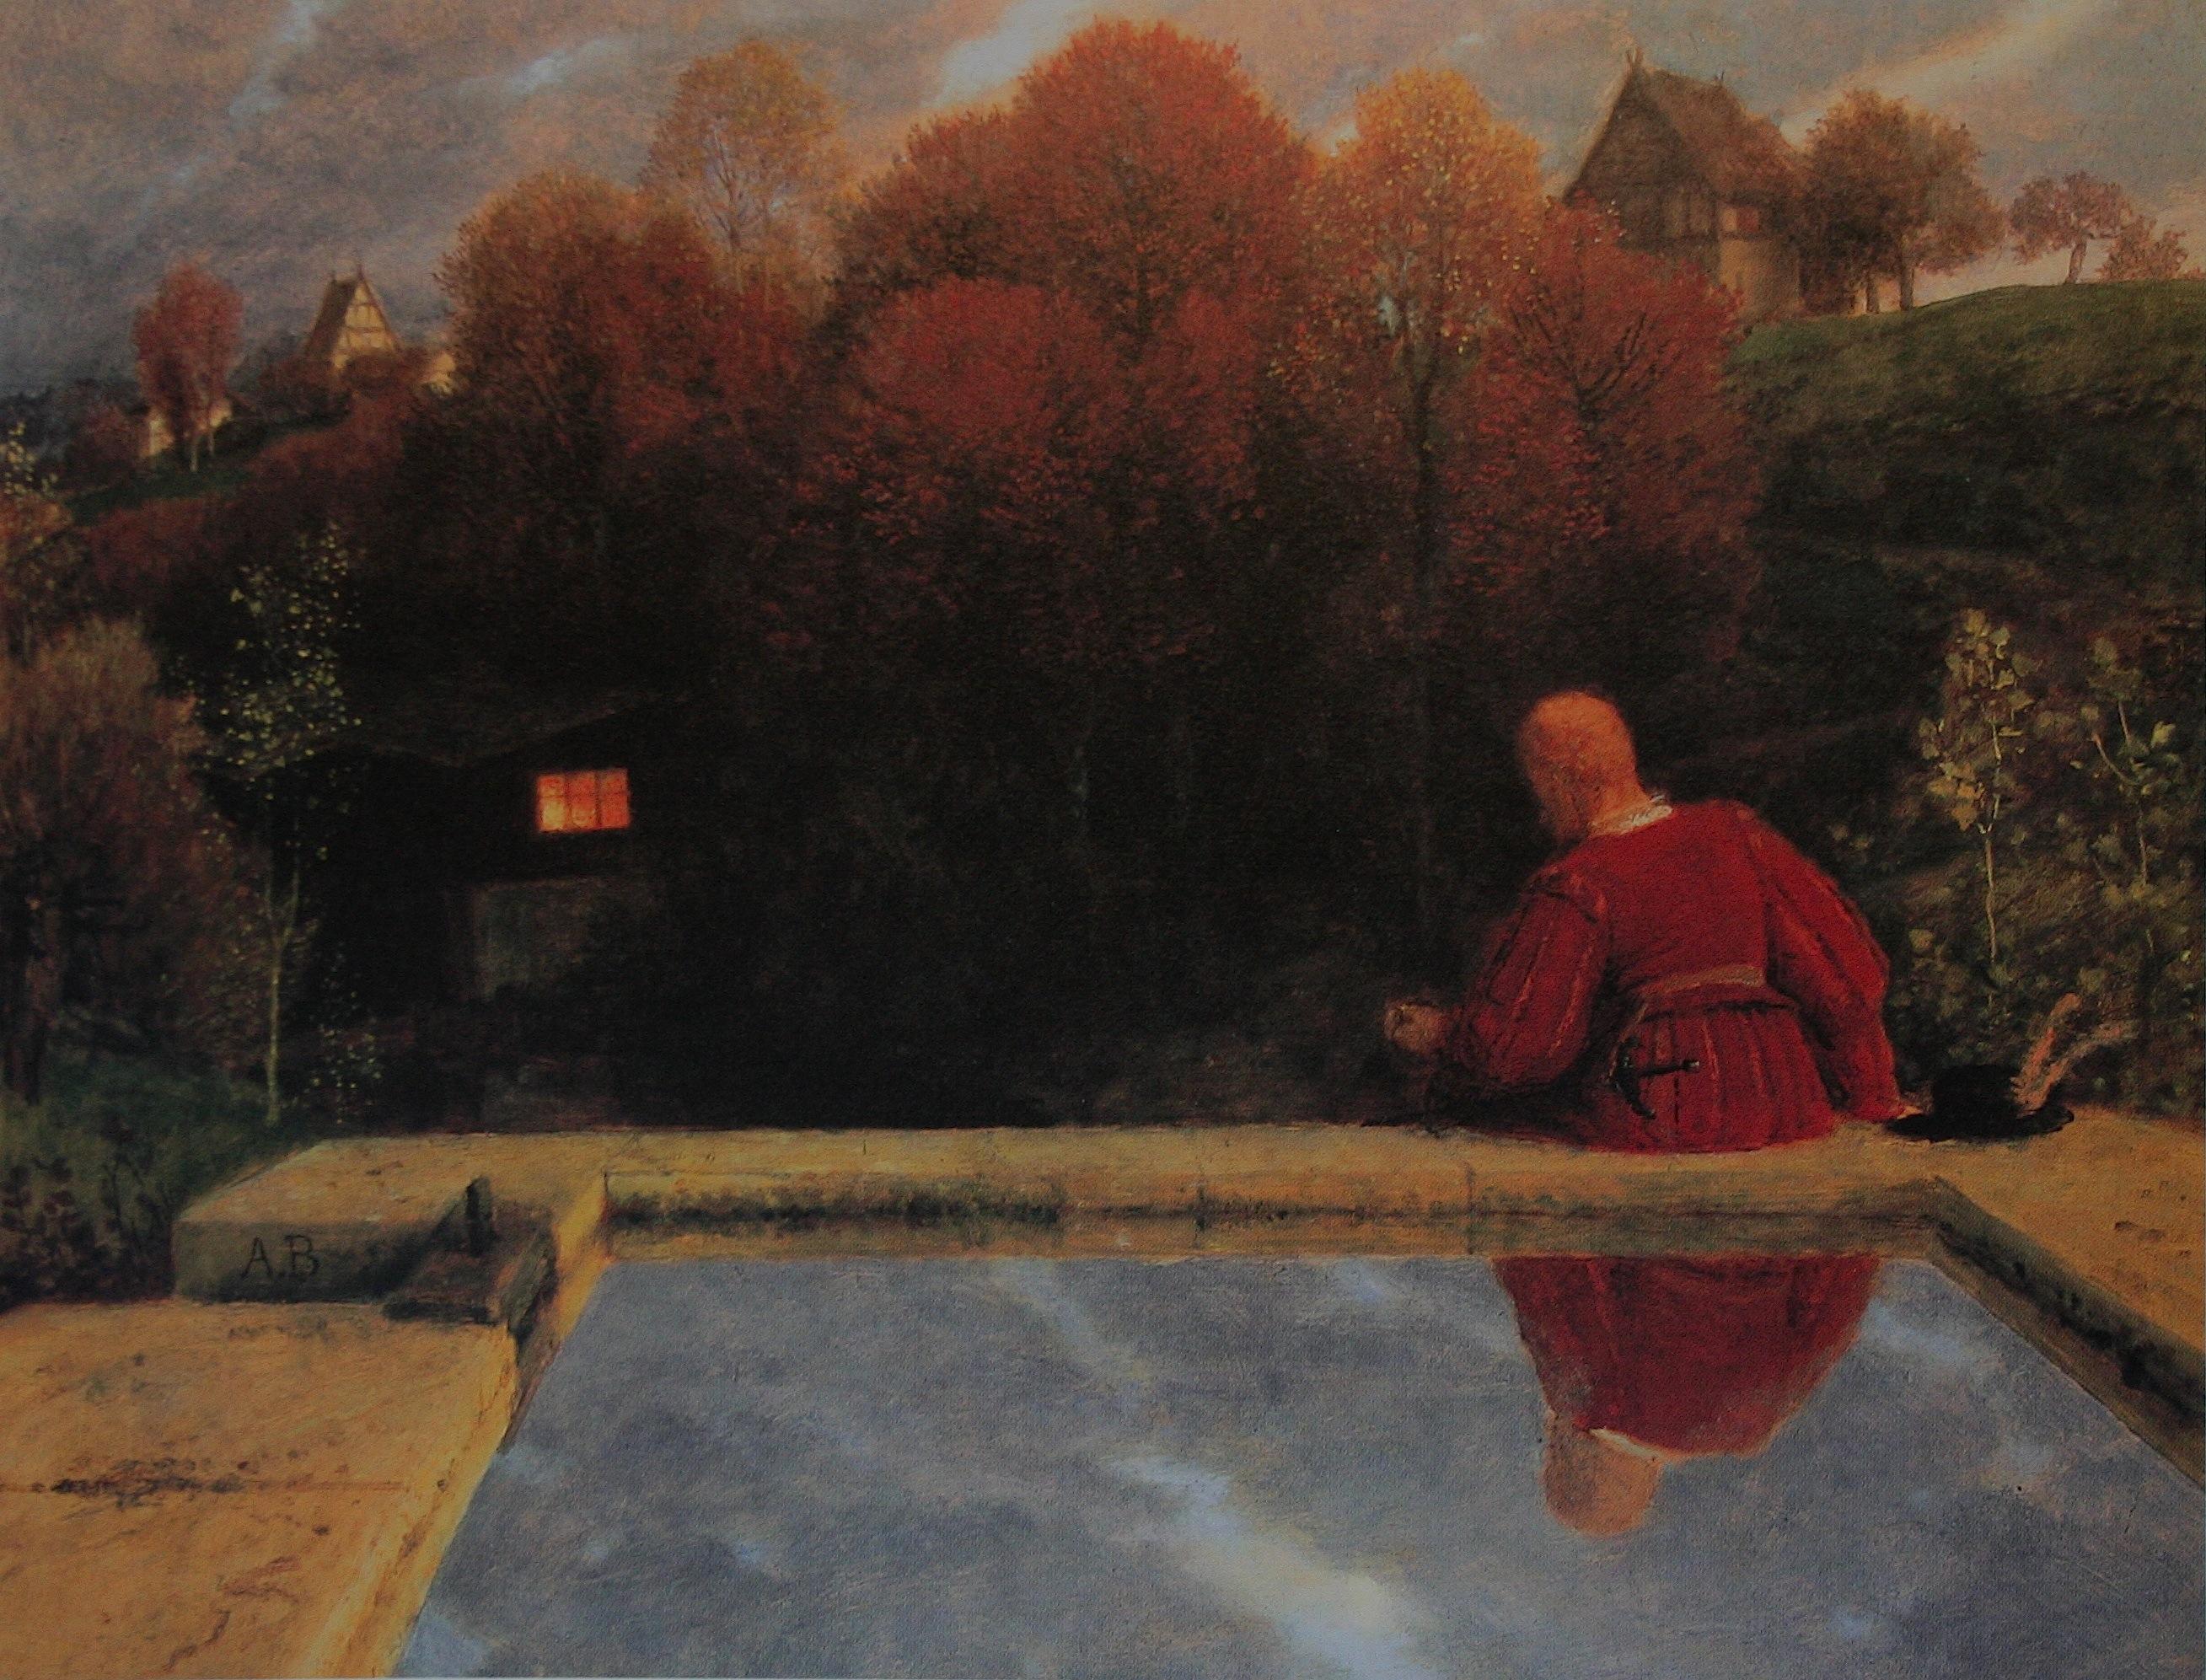 File:Böcklin Die Heimkehr 1887.jpg - Wikimedia Commons